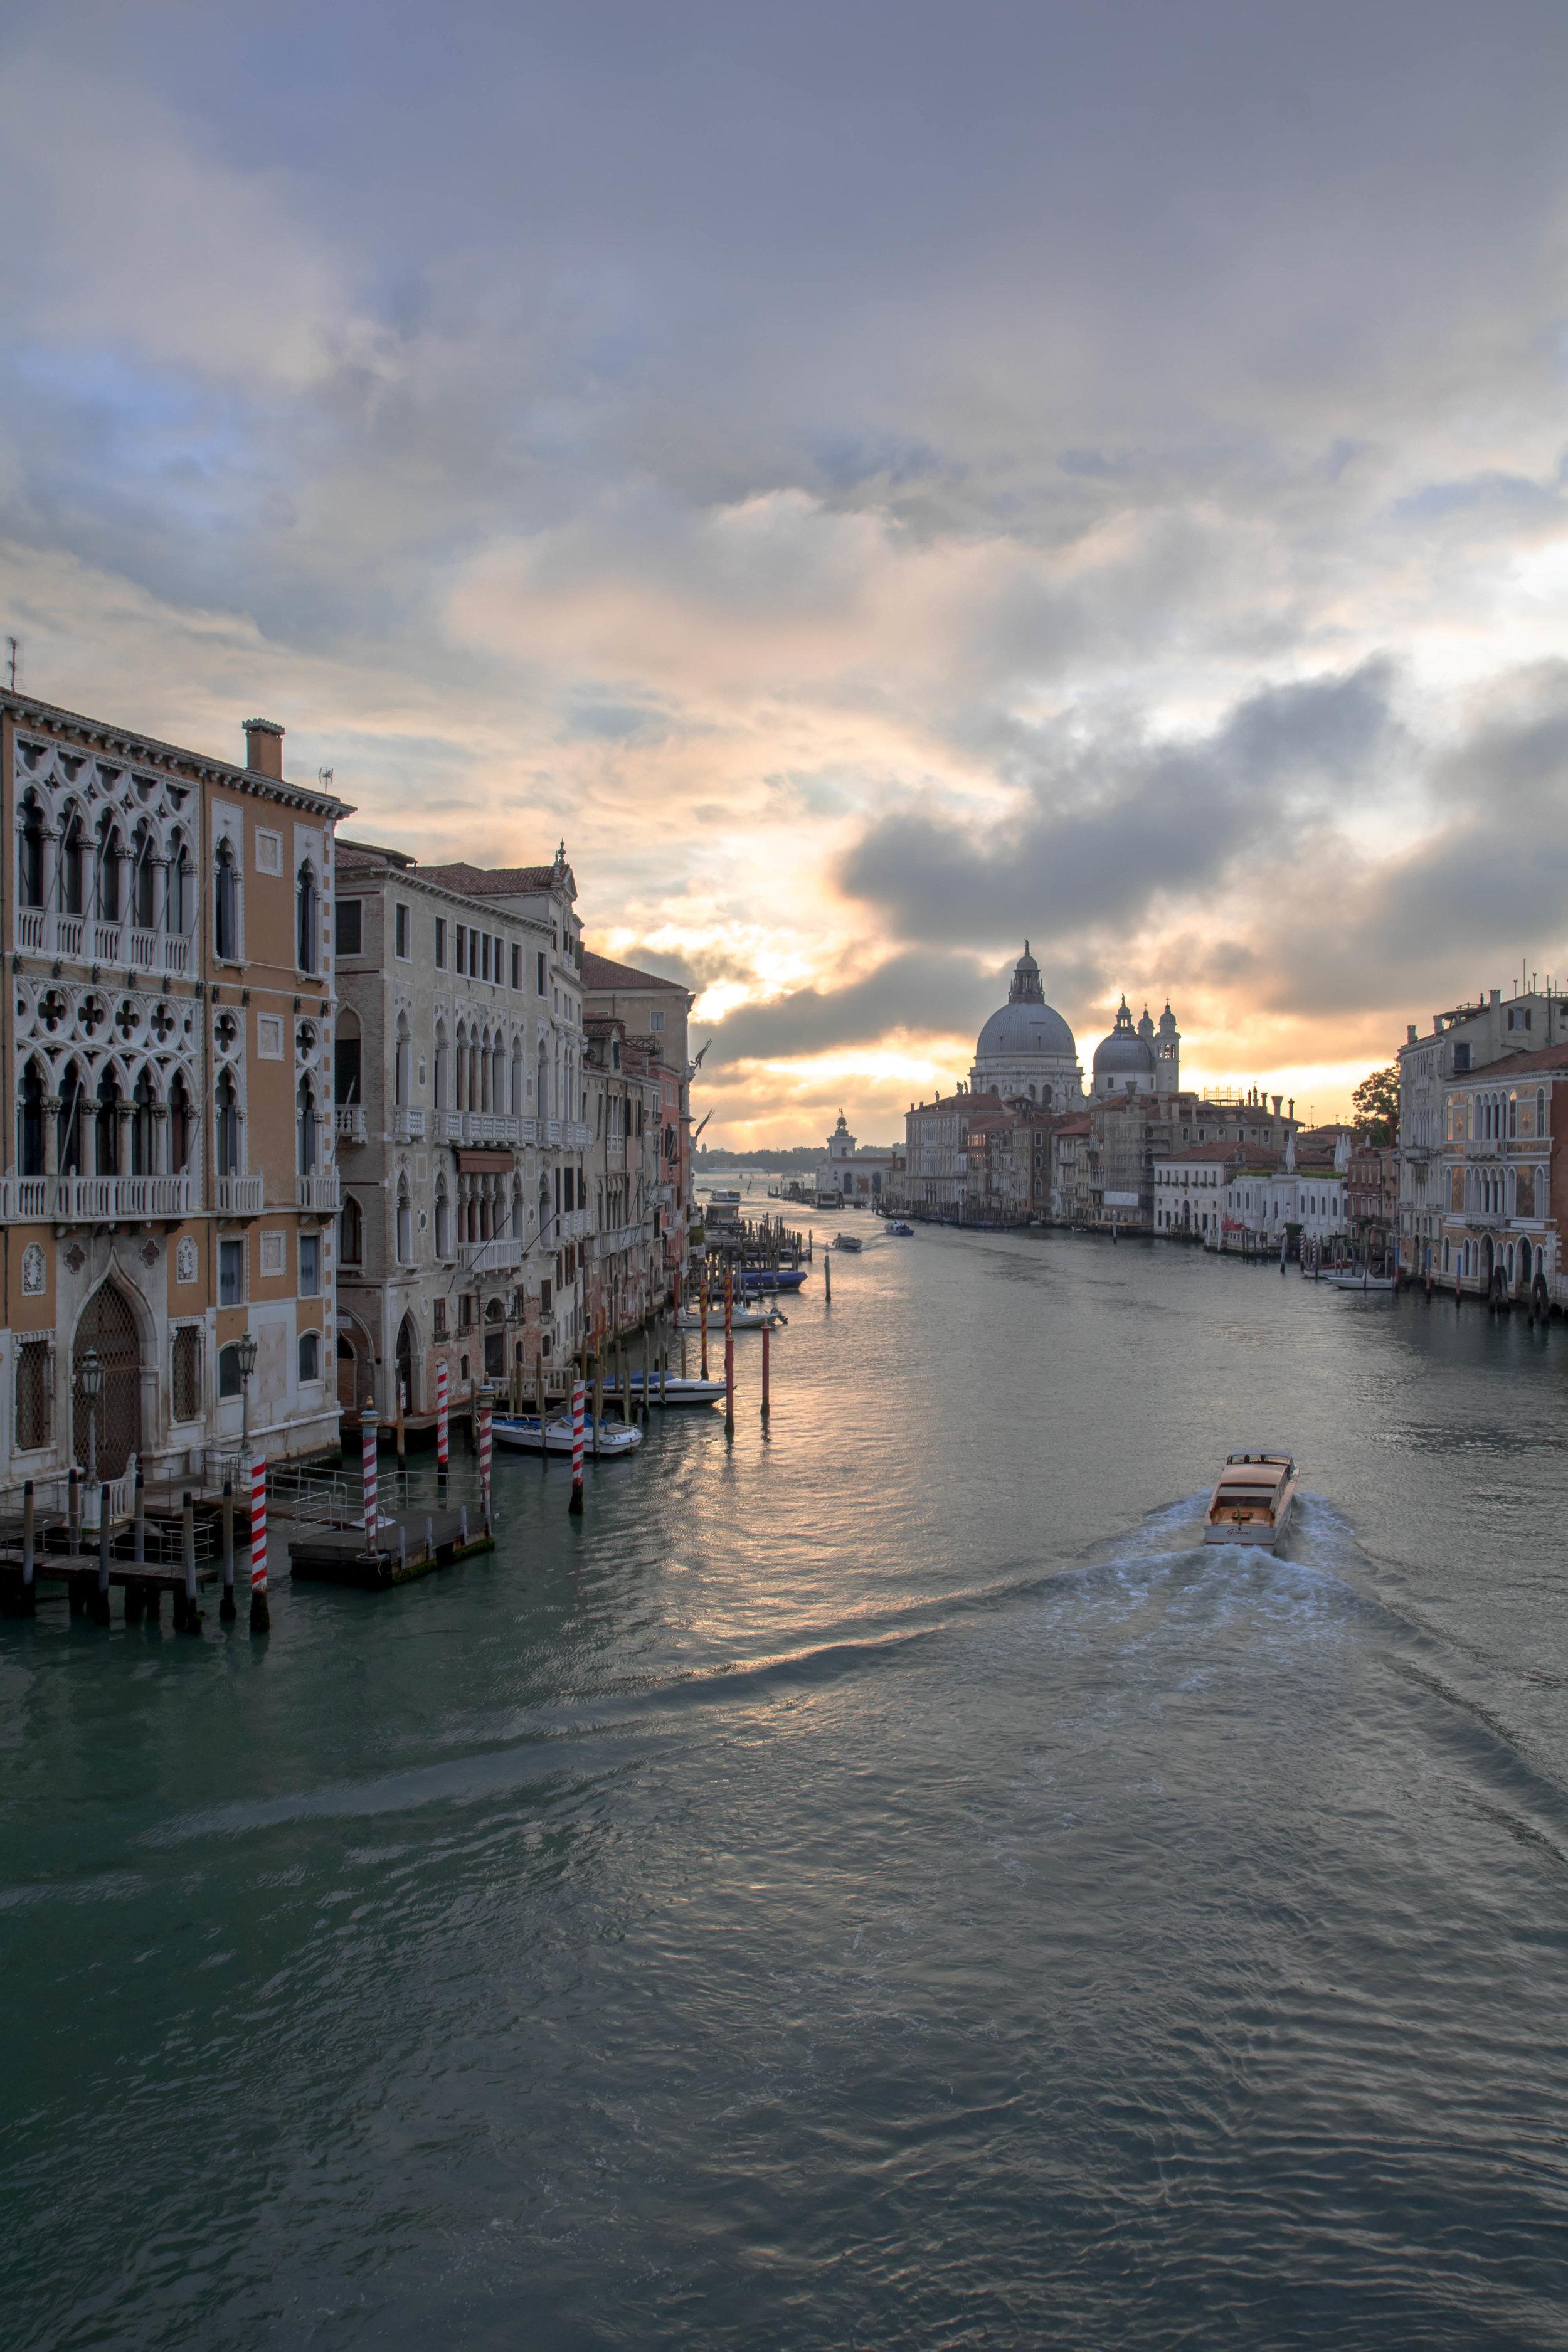 VenetianLight4ShannonHammondPhotography.jpg